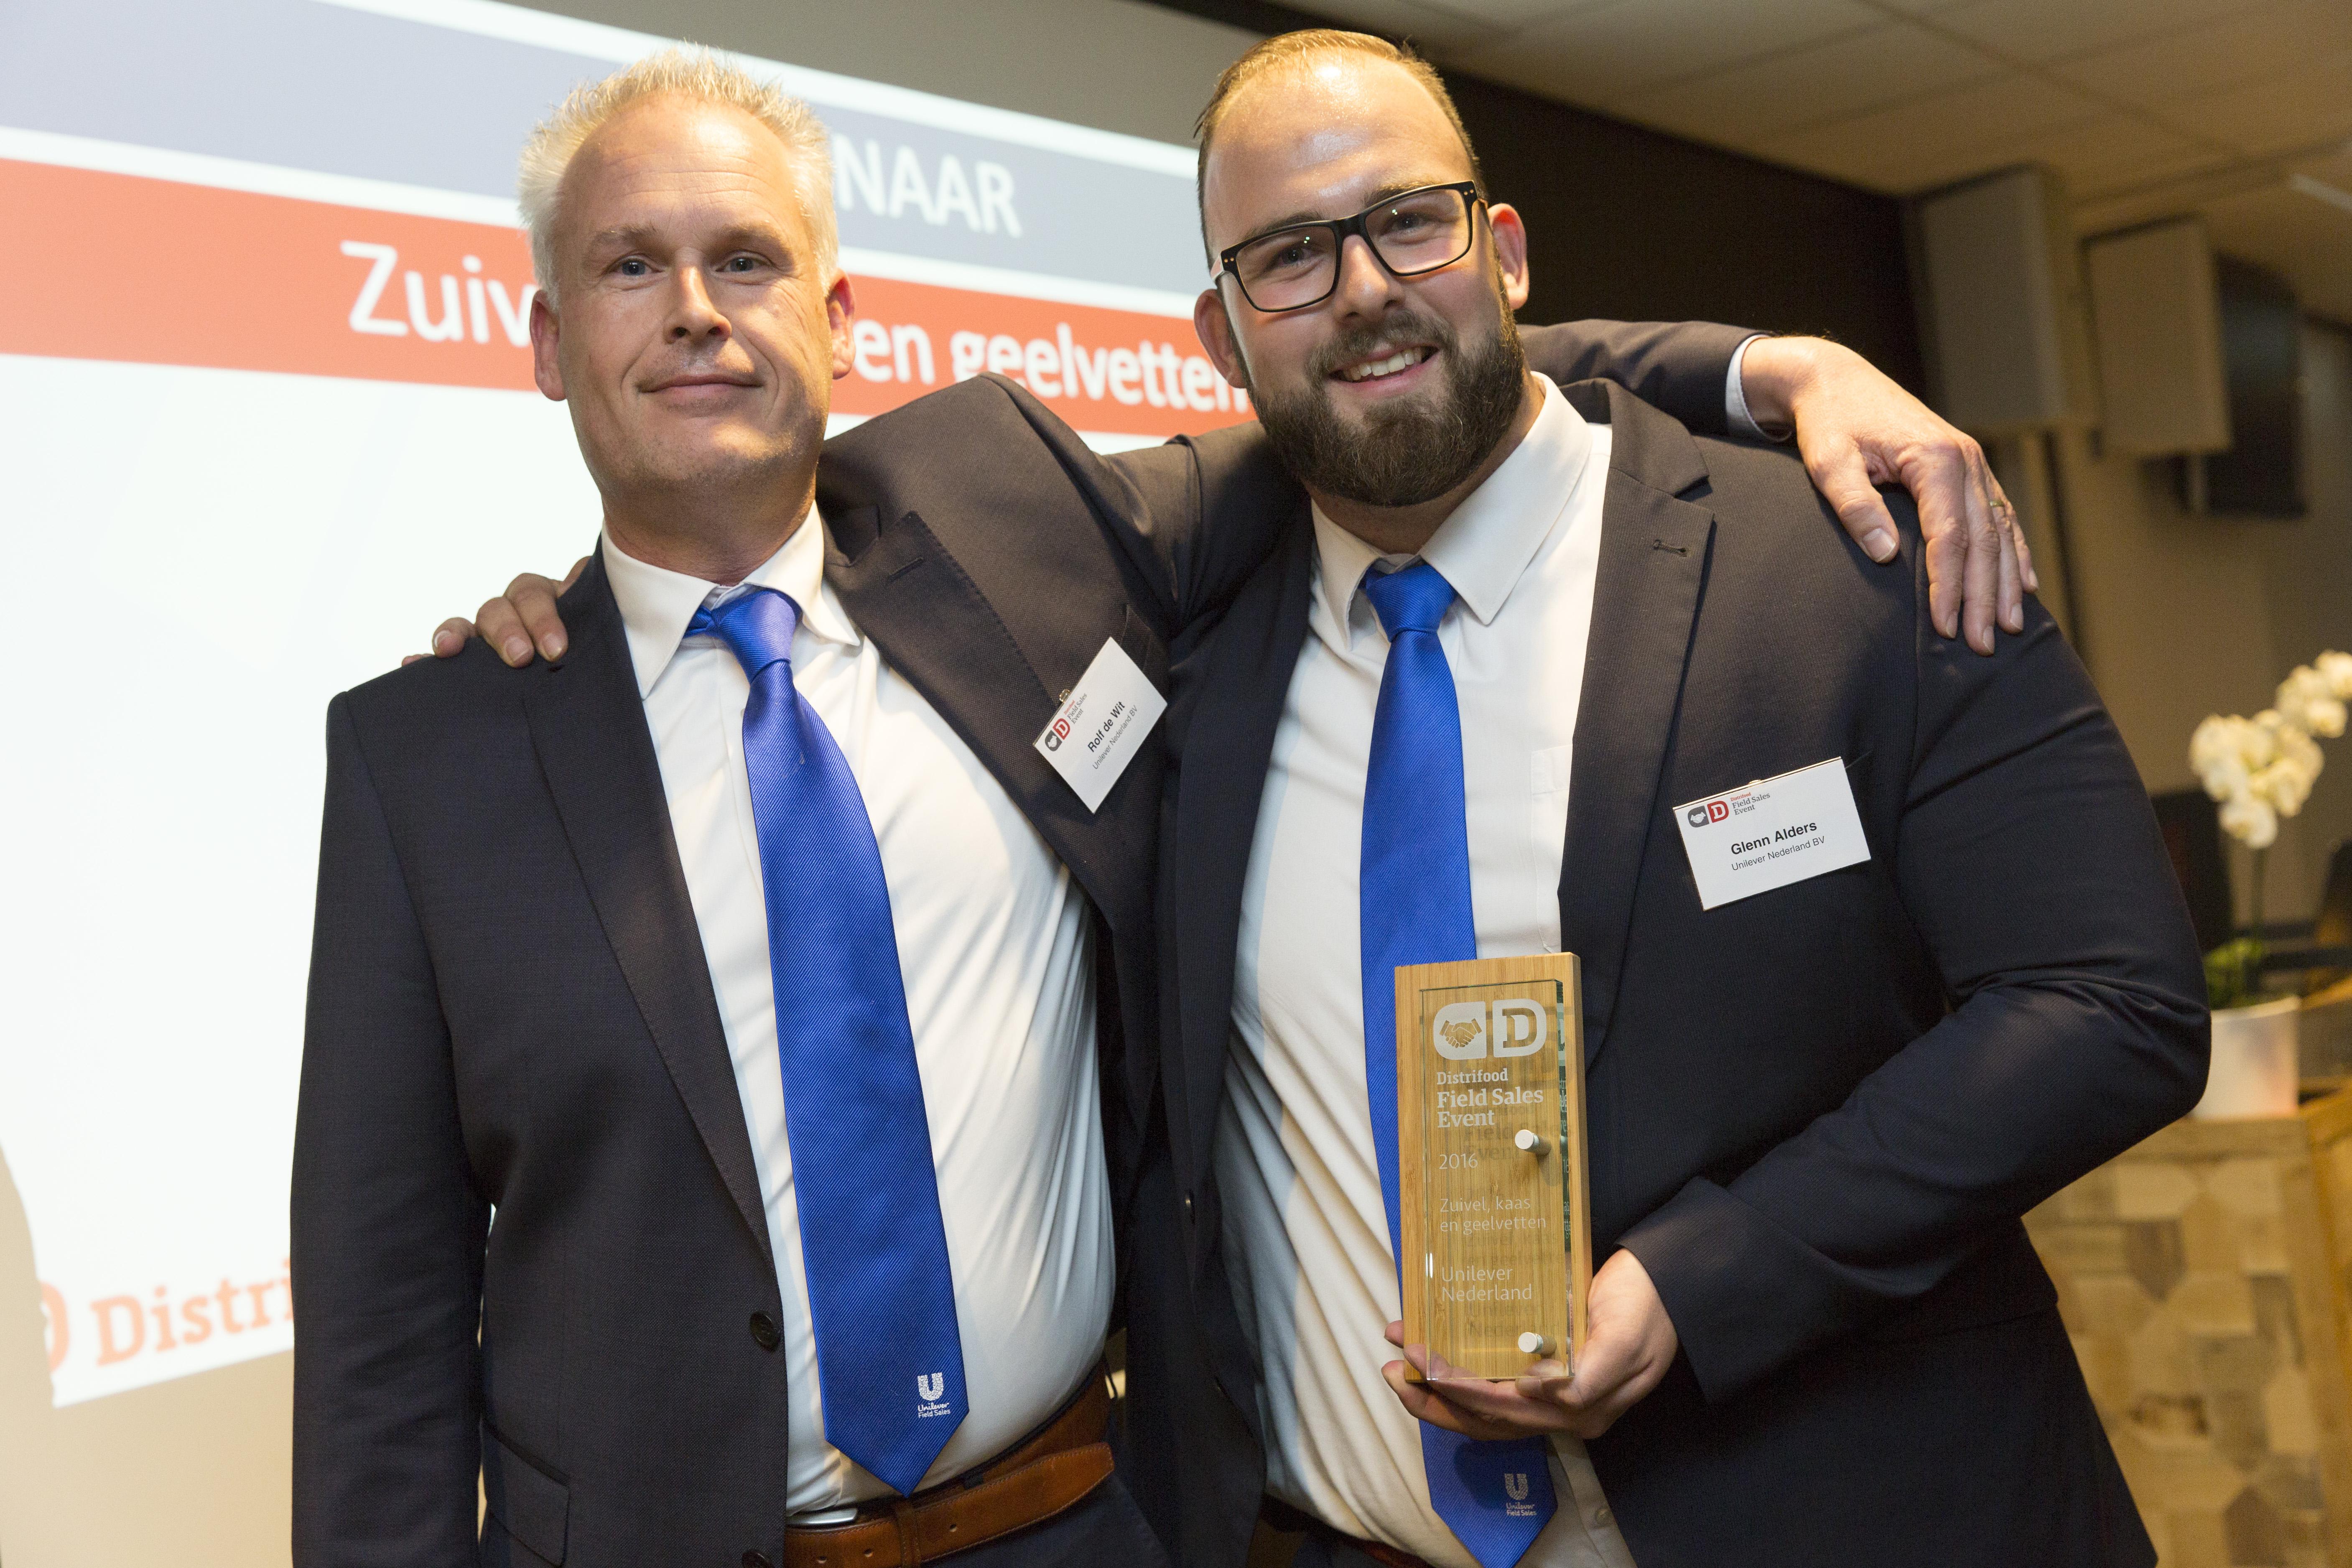 Rolf de Wit (l), senior rayonmanager, en Glenn Alders, eveneens senior rayonmanager. Namens hun collega's poseren zij trots met de bokaal voor de overwinning in de categorie zuivel, kaas en geelvetten